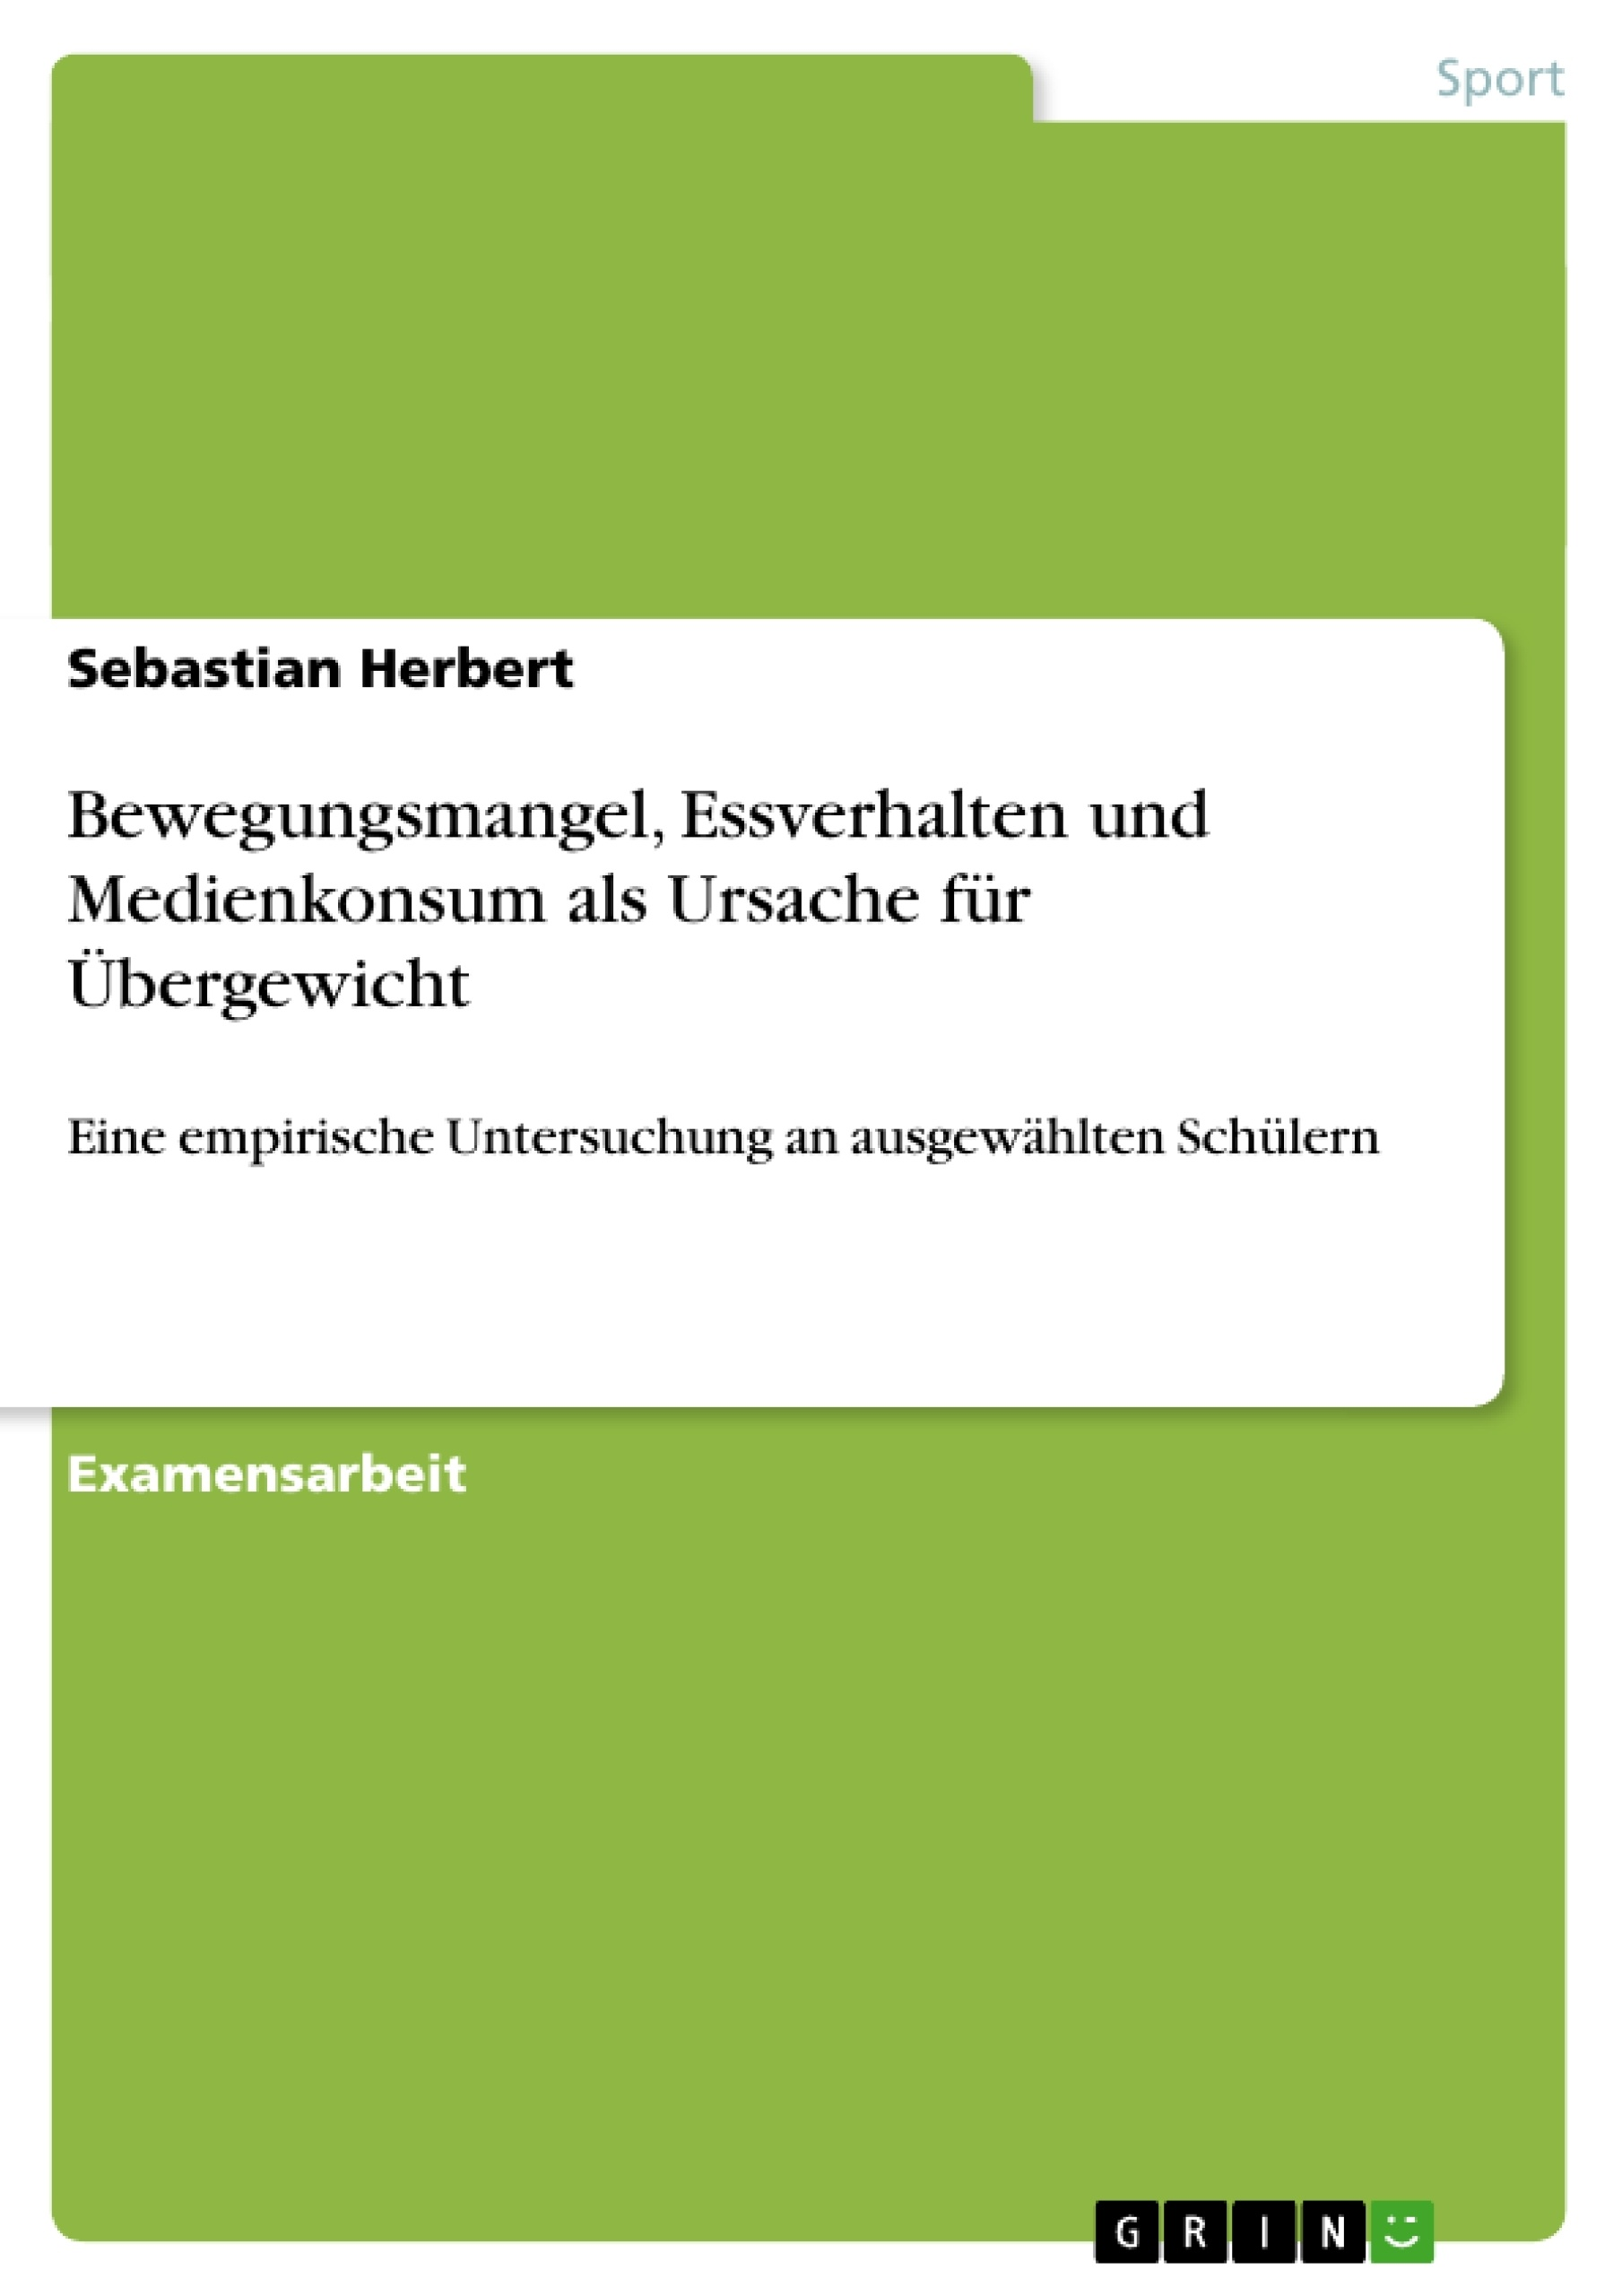 Titel: Bewegungsmangel, Essverhalten und Medienkonsum als Ursache für Übergewicht